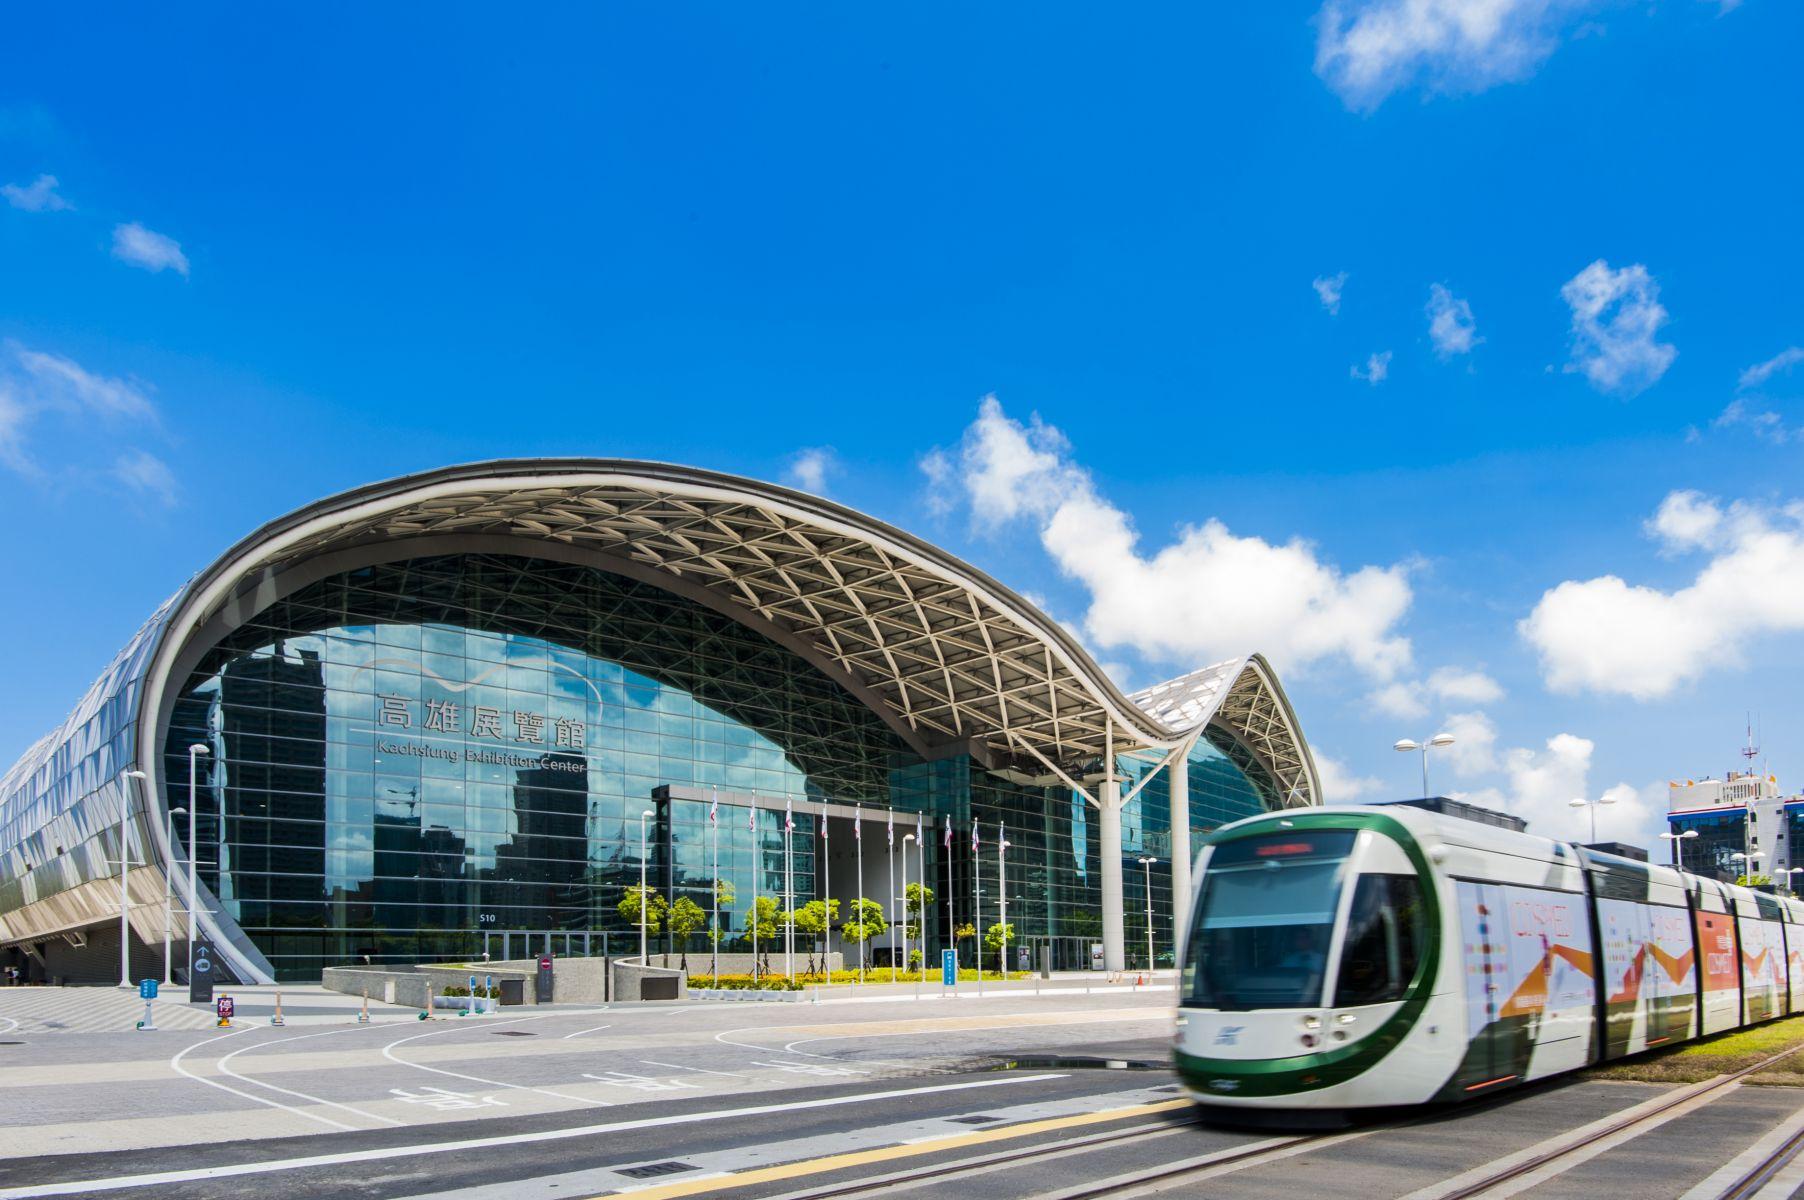 高雄捷運宣布 全線今起免費上網